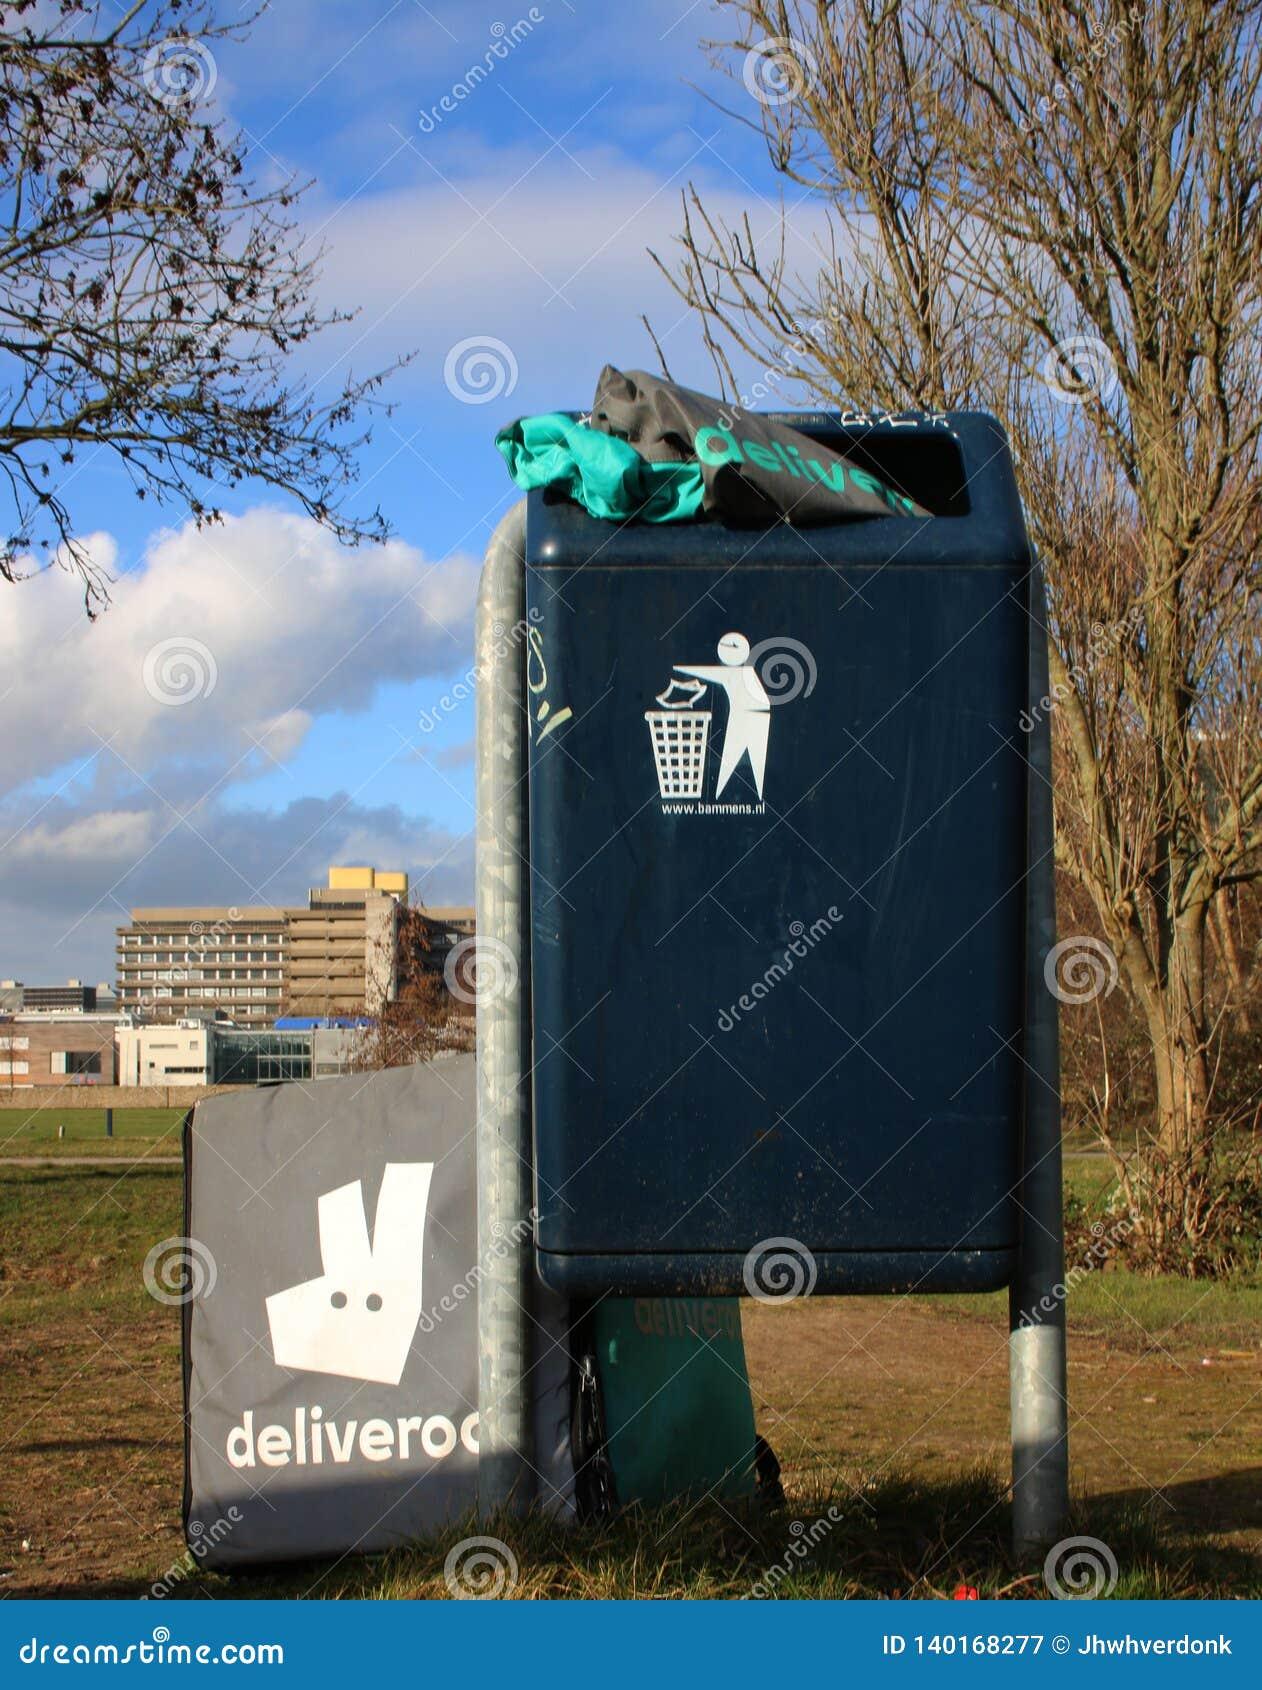 Utrecht, Pays-Bas, le 19 février 2019 : Vitesse de Deliveroo jetée dans les déchets après grève